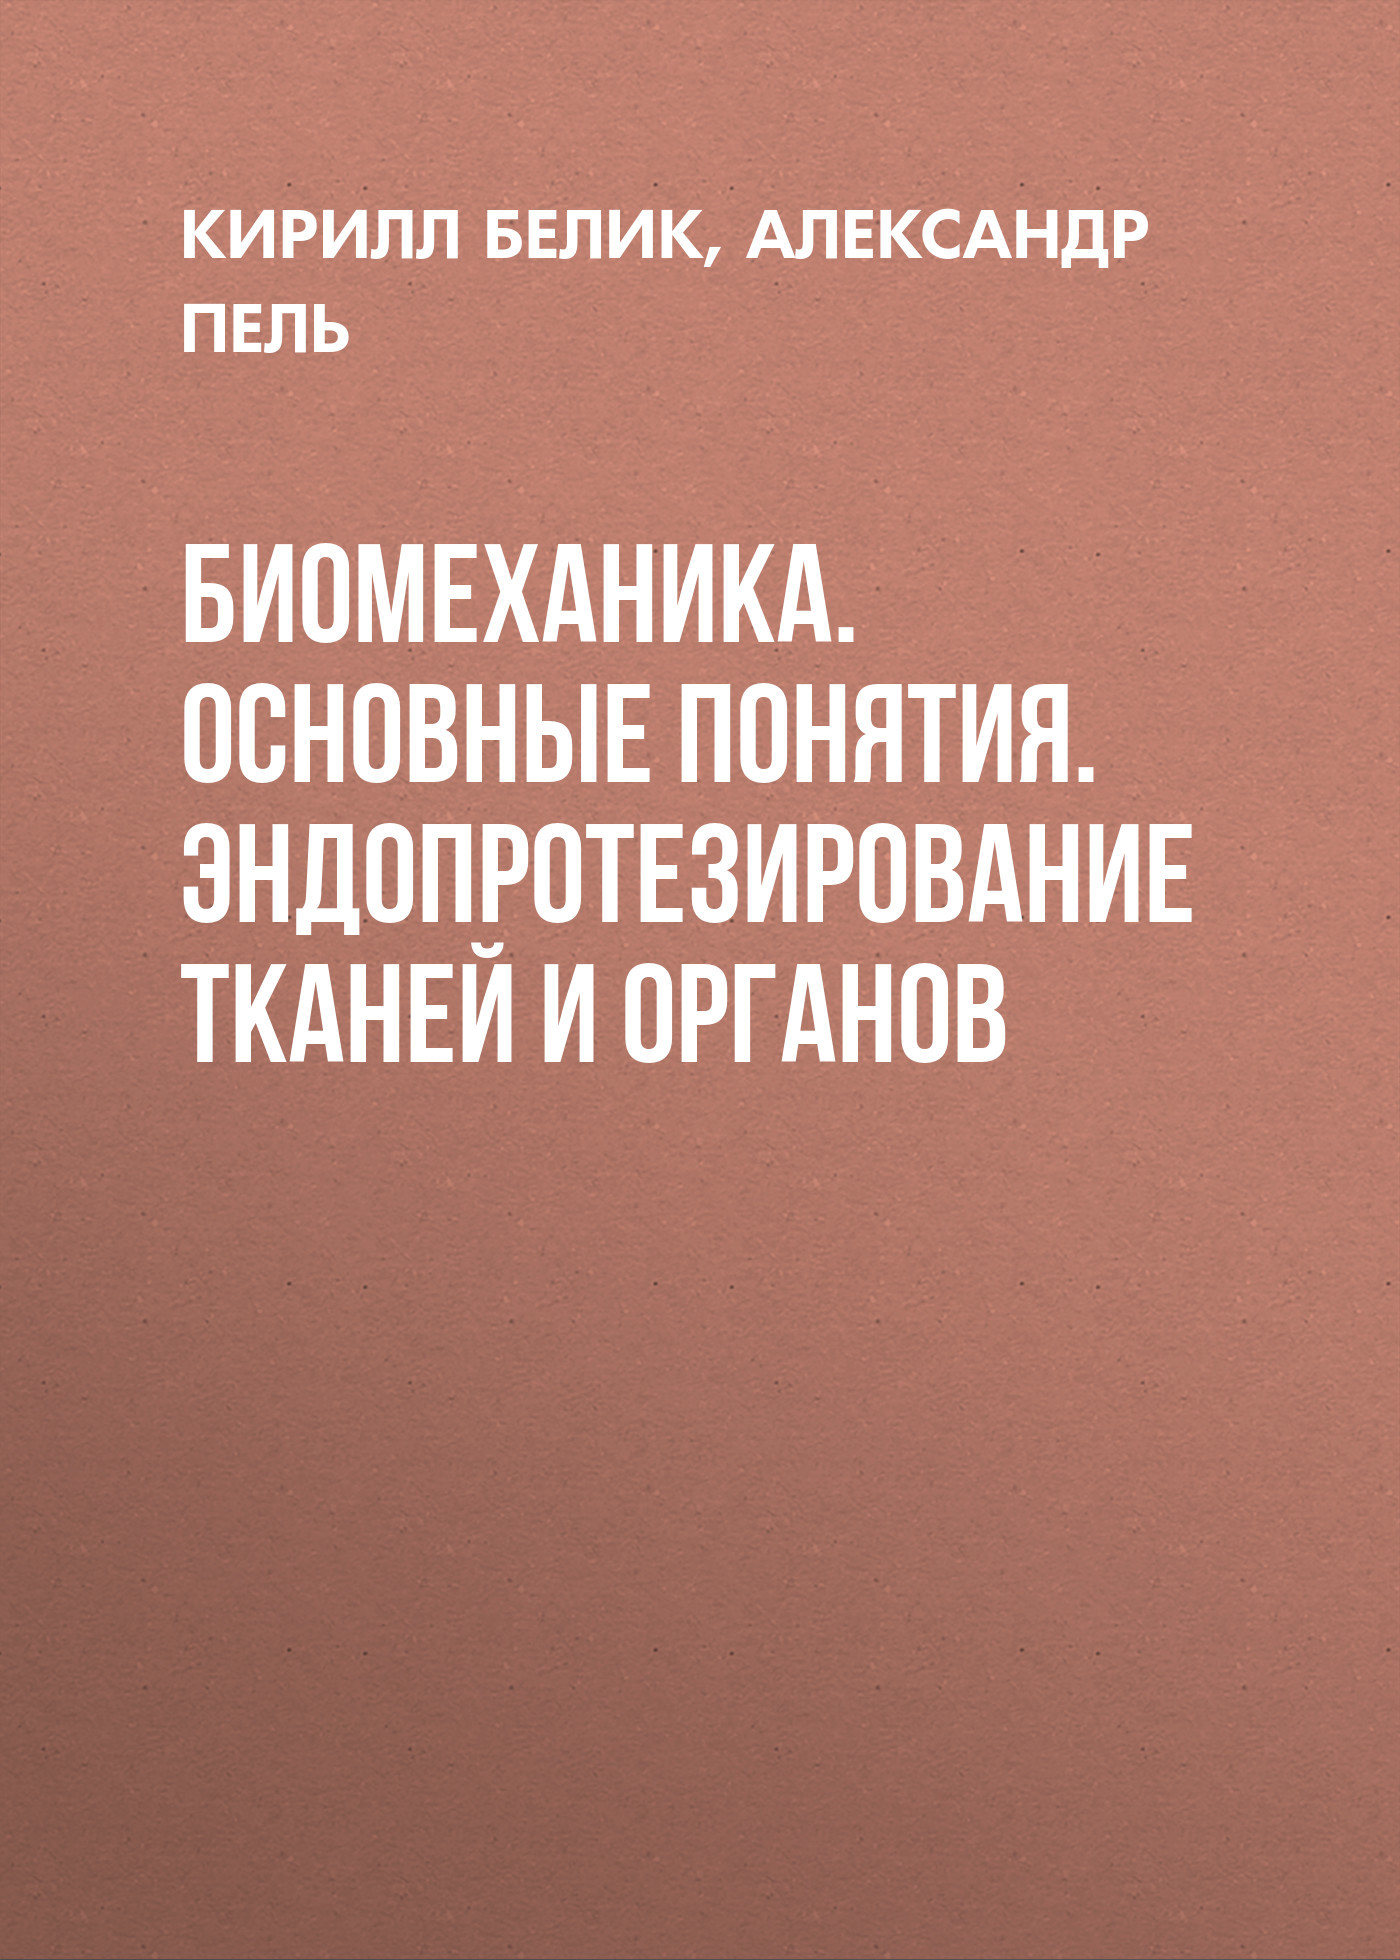 Кирилл Белик Биомеханика. Основные понятия. Эндопротезирование тканей и органов